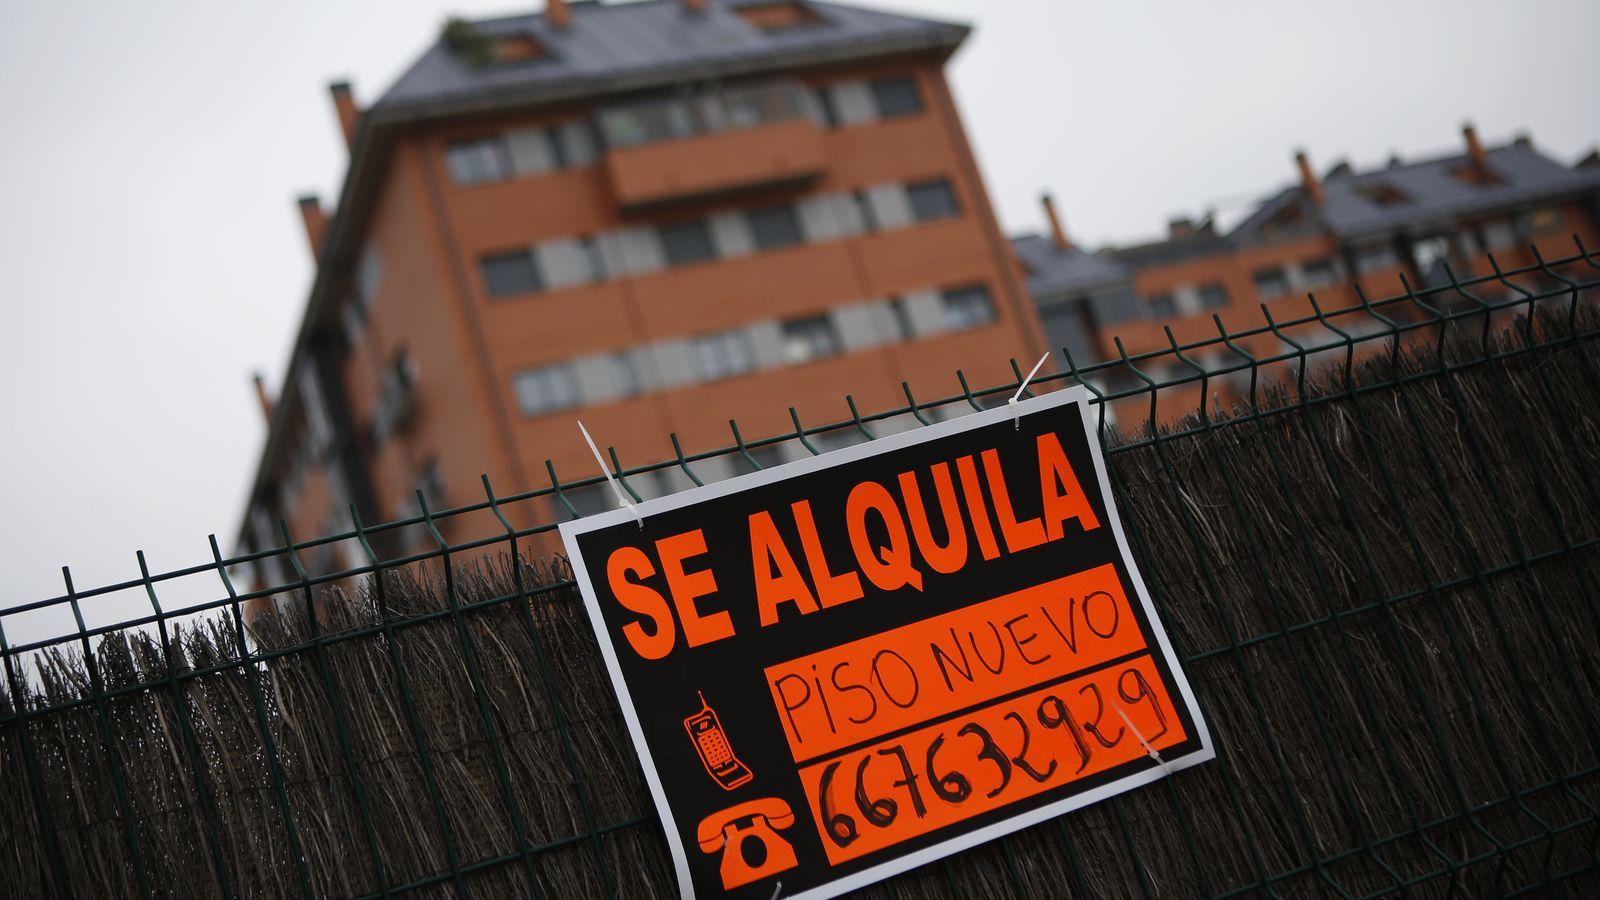 Foto: Piso en alquiler en las afueras de Madrid. (Reuters)